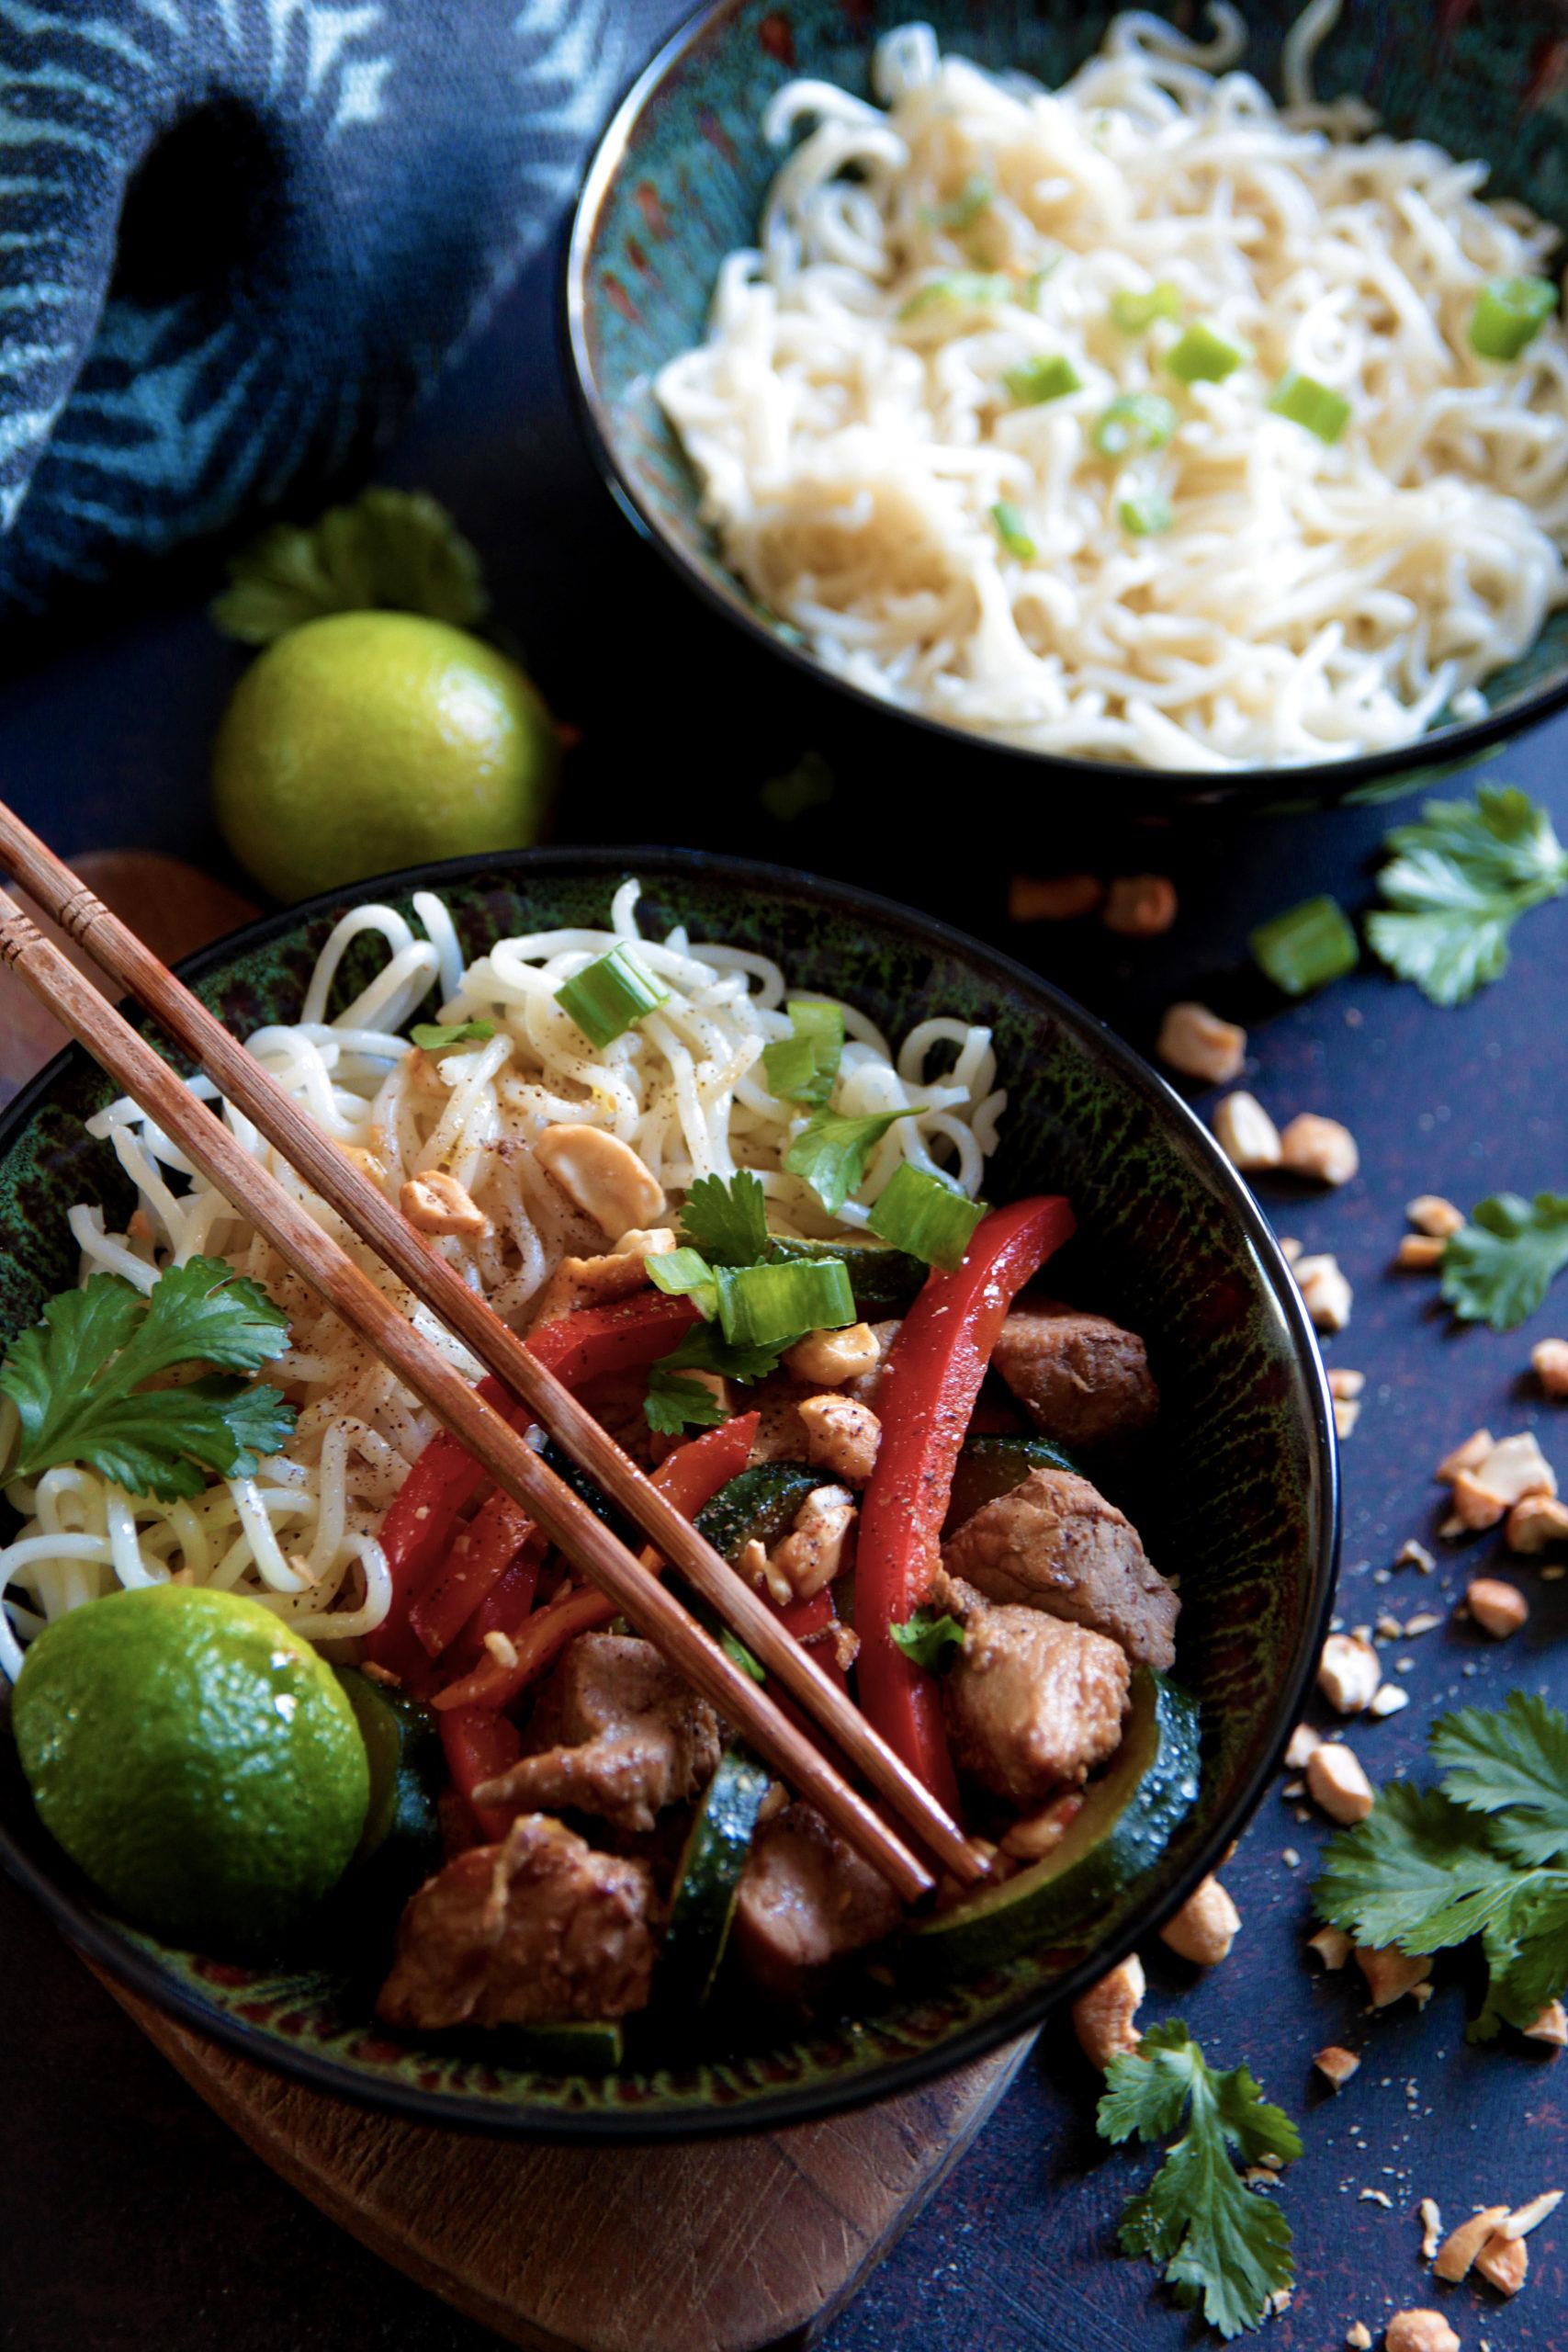 Voyage en Asie avec ce sauté de porc à l'asiatique